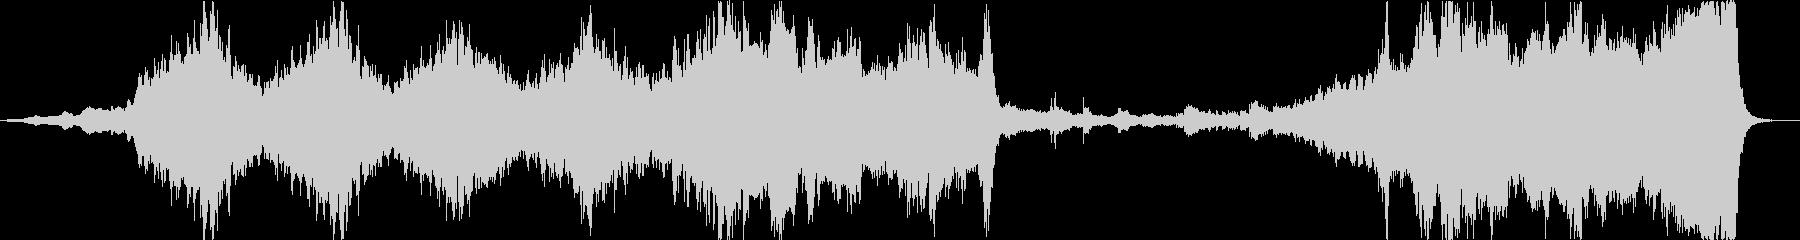 【オーケストラ】重々しい・シリアスの未再生の波形